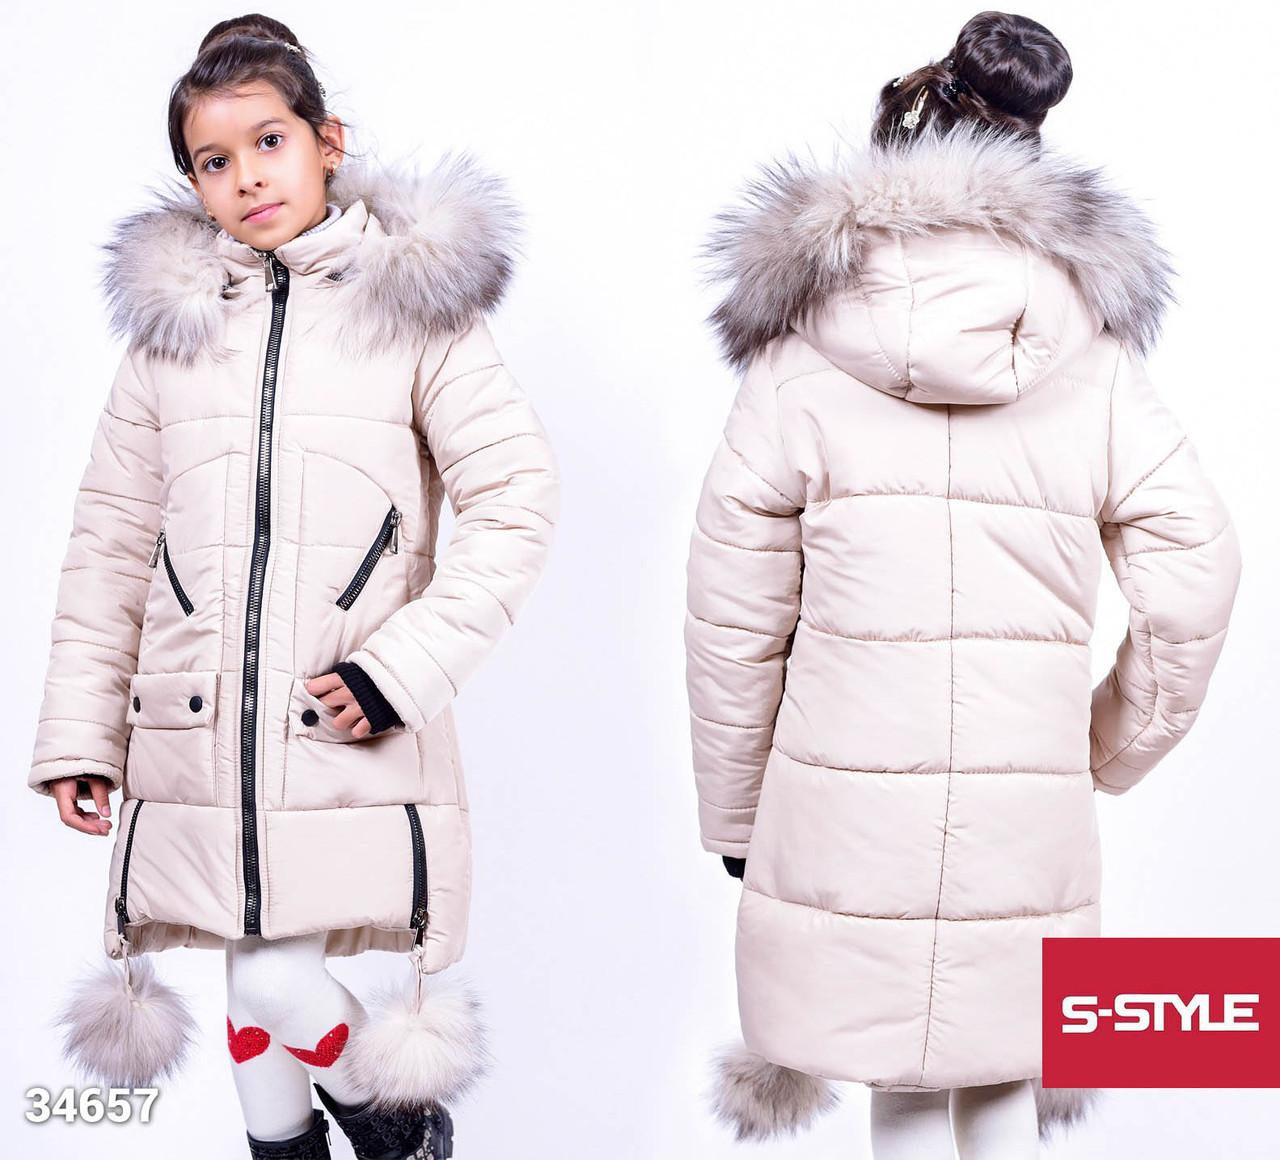 e25ad5dc3e1 Детская верхняя одежда - Интернет-магазине женской одежды